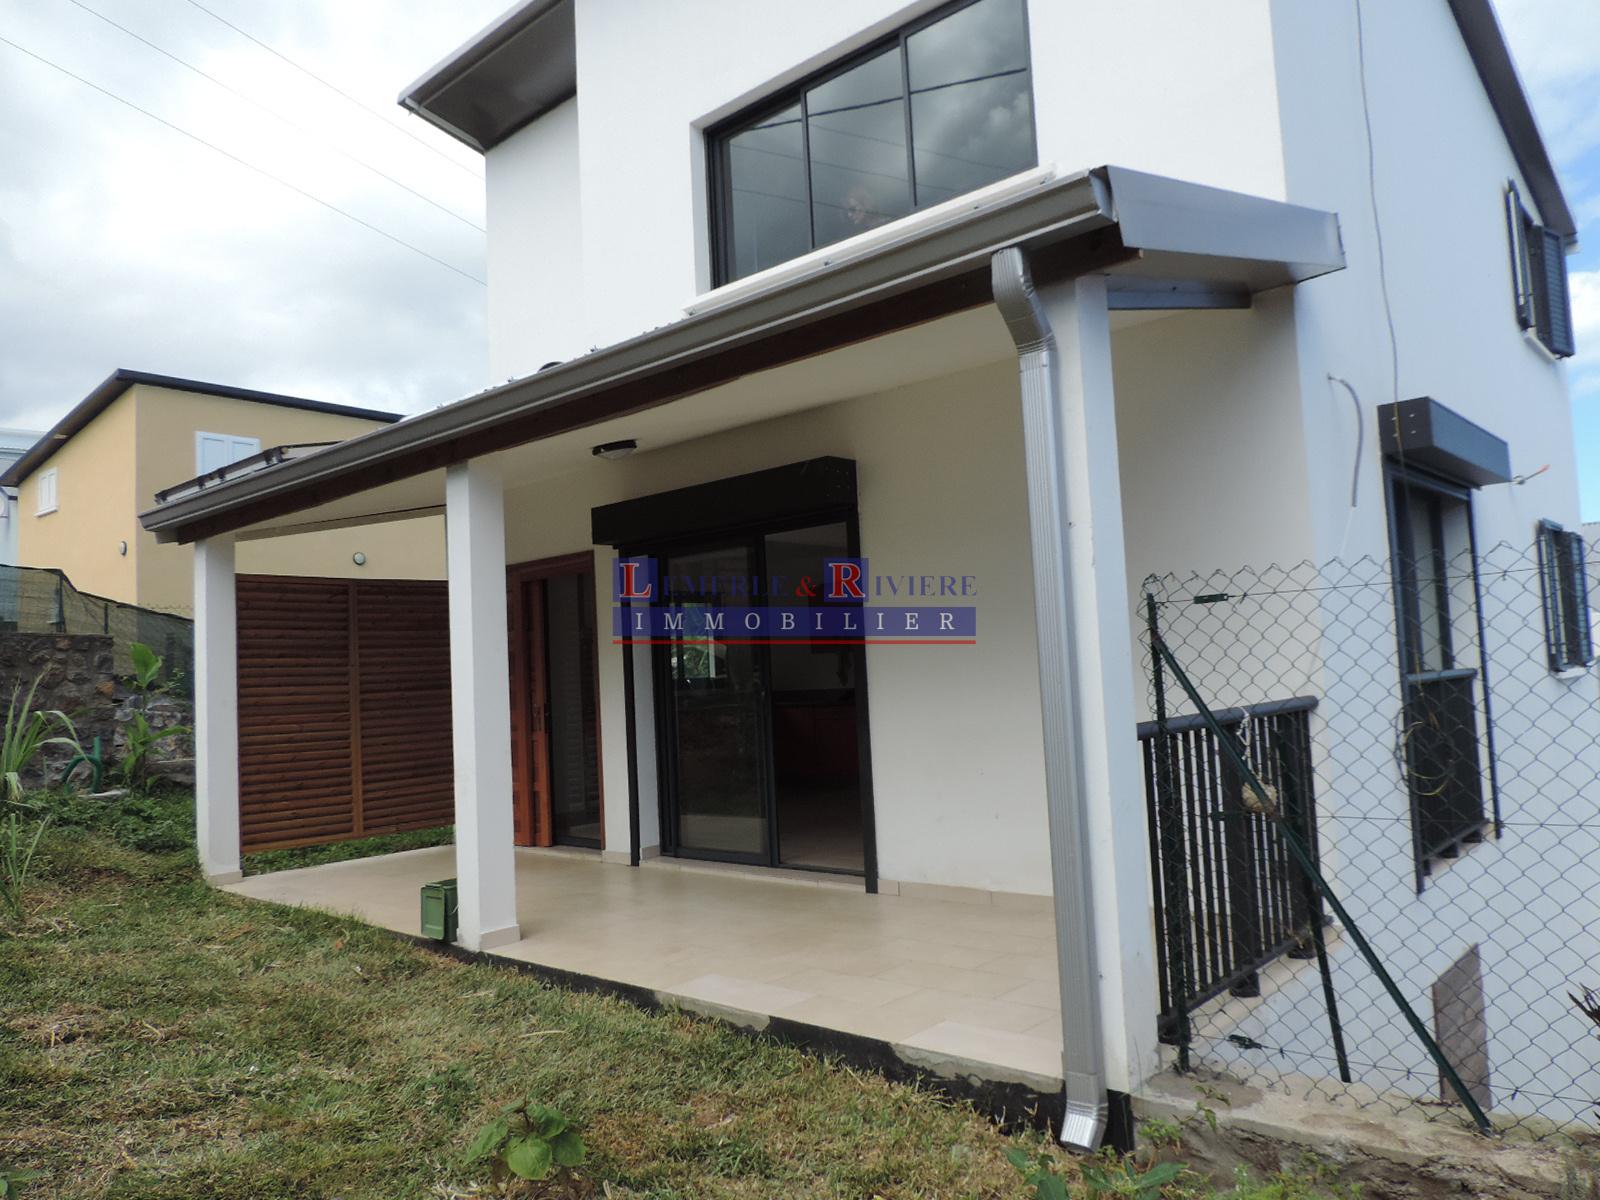 annonce location maison la r union 97400 93 m 870 992738018138. Black Bedroom Furniture Sets. Home Design Ideas